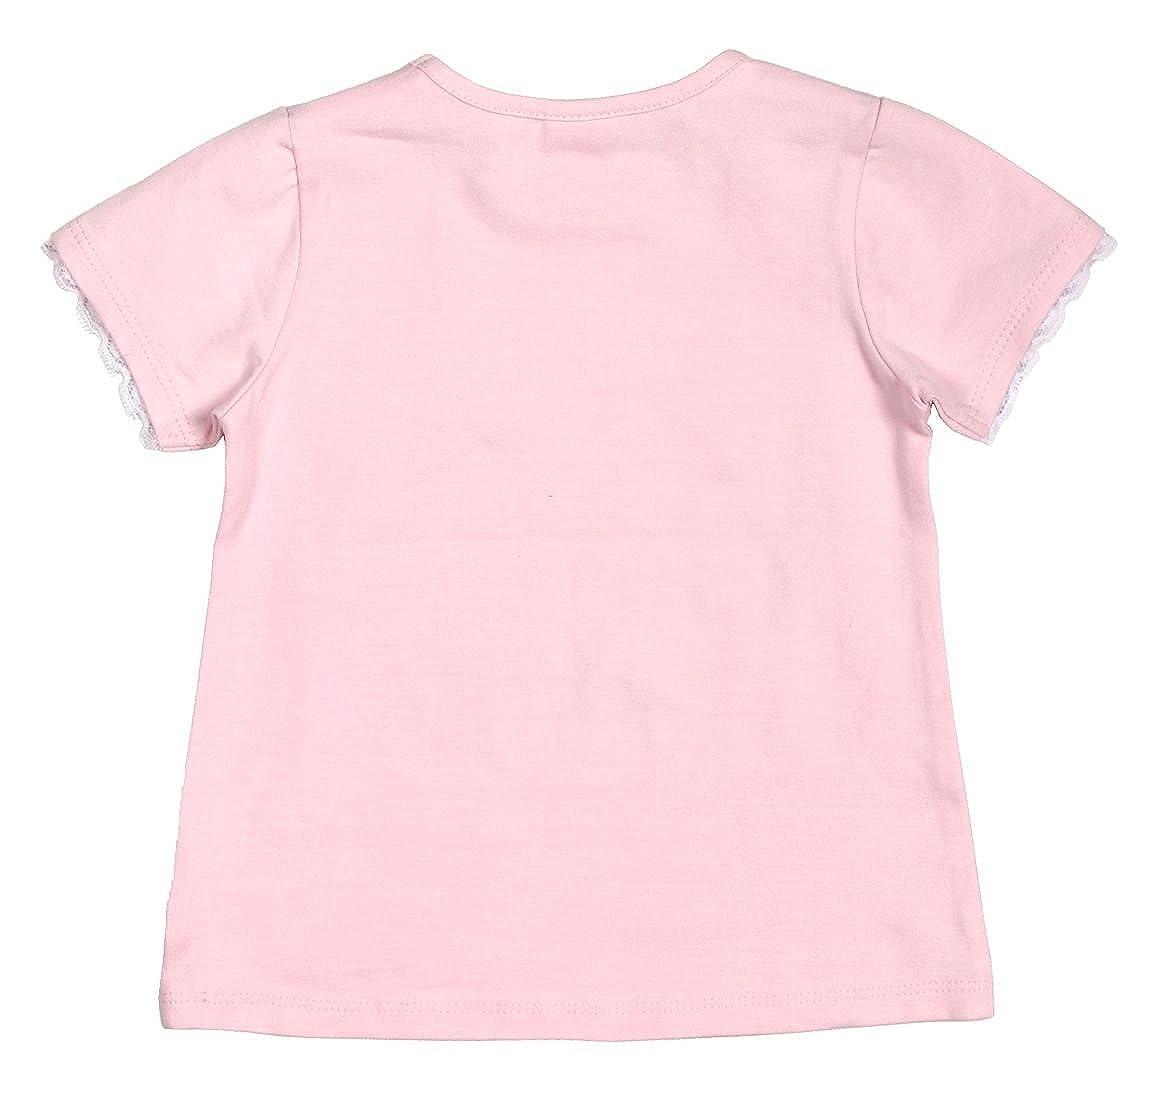 Kanz T-Shirt 1313051p